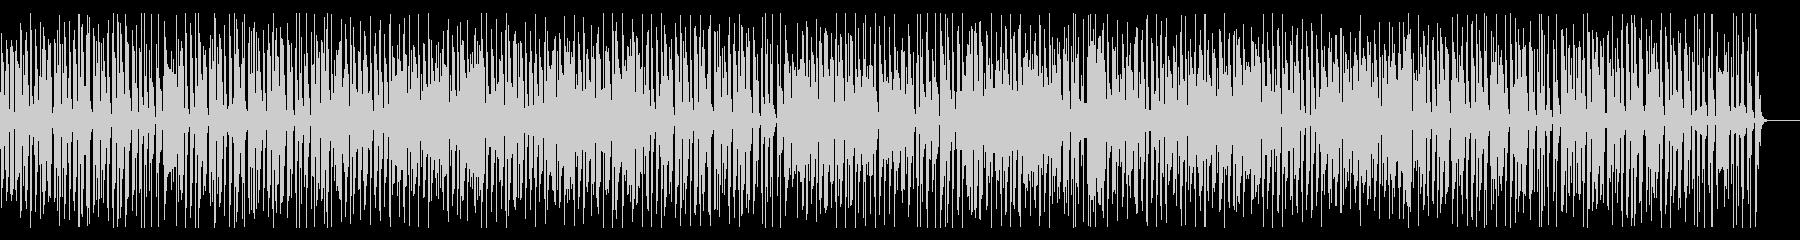 カフェBGM・陽気なジプシージャズギターの未再生の波形